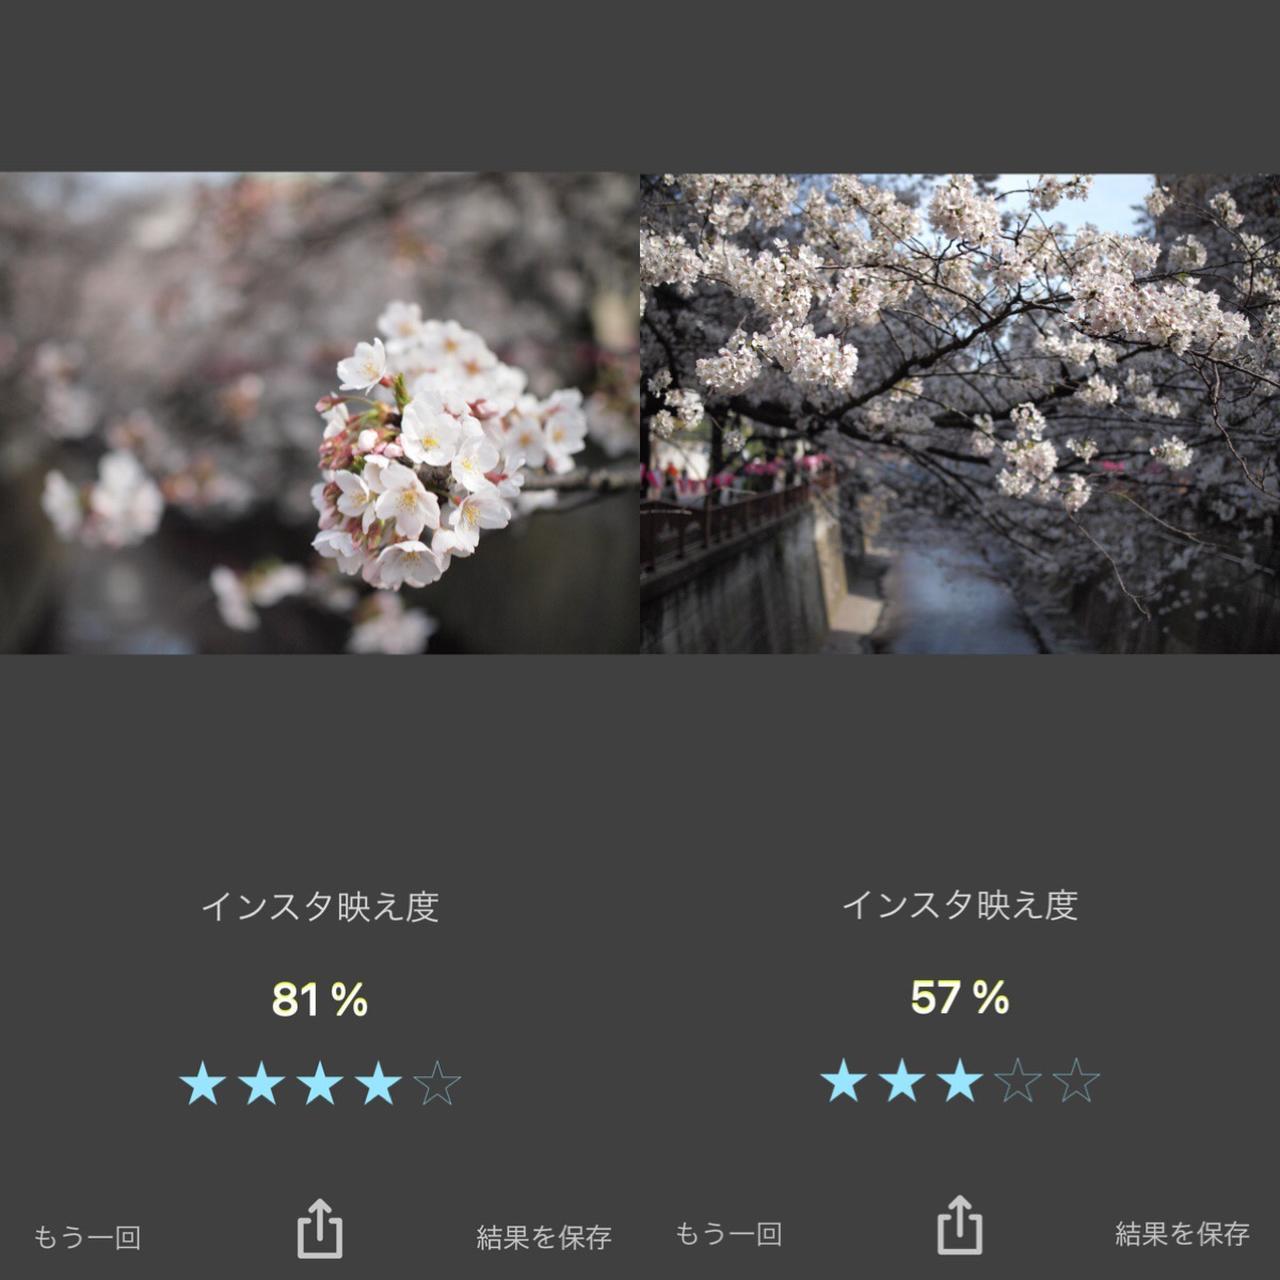 画像: これからシーズンの桜はどれくらいインスタ映えする?